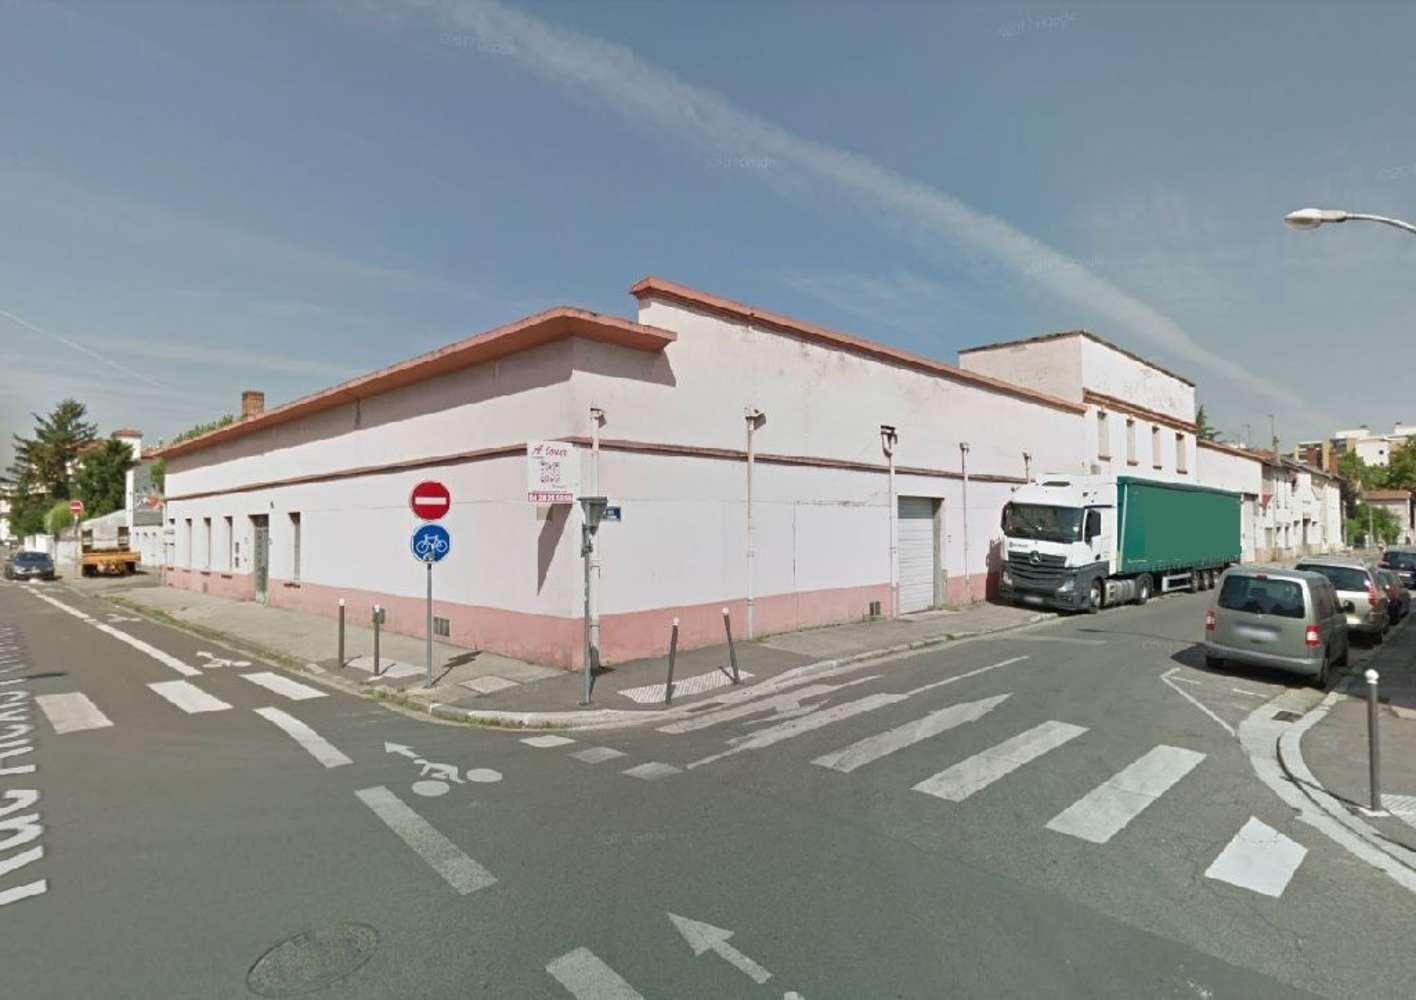 Activités/entrepôt Villeurbanne, 69100 - Entrepot à vendre Villeurbanne / Lyon - 9914846